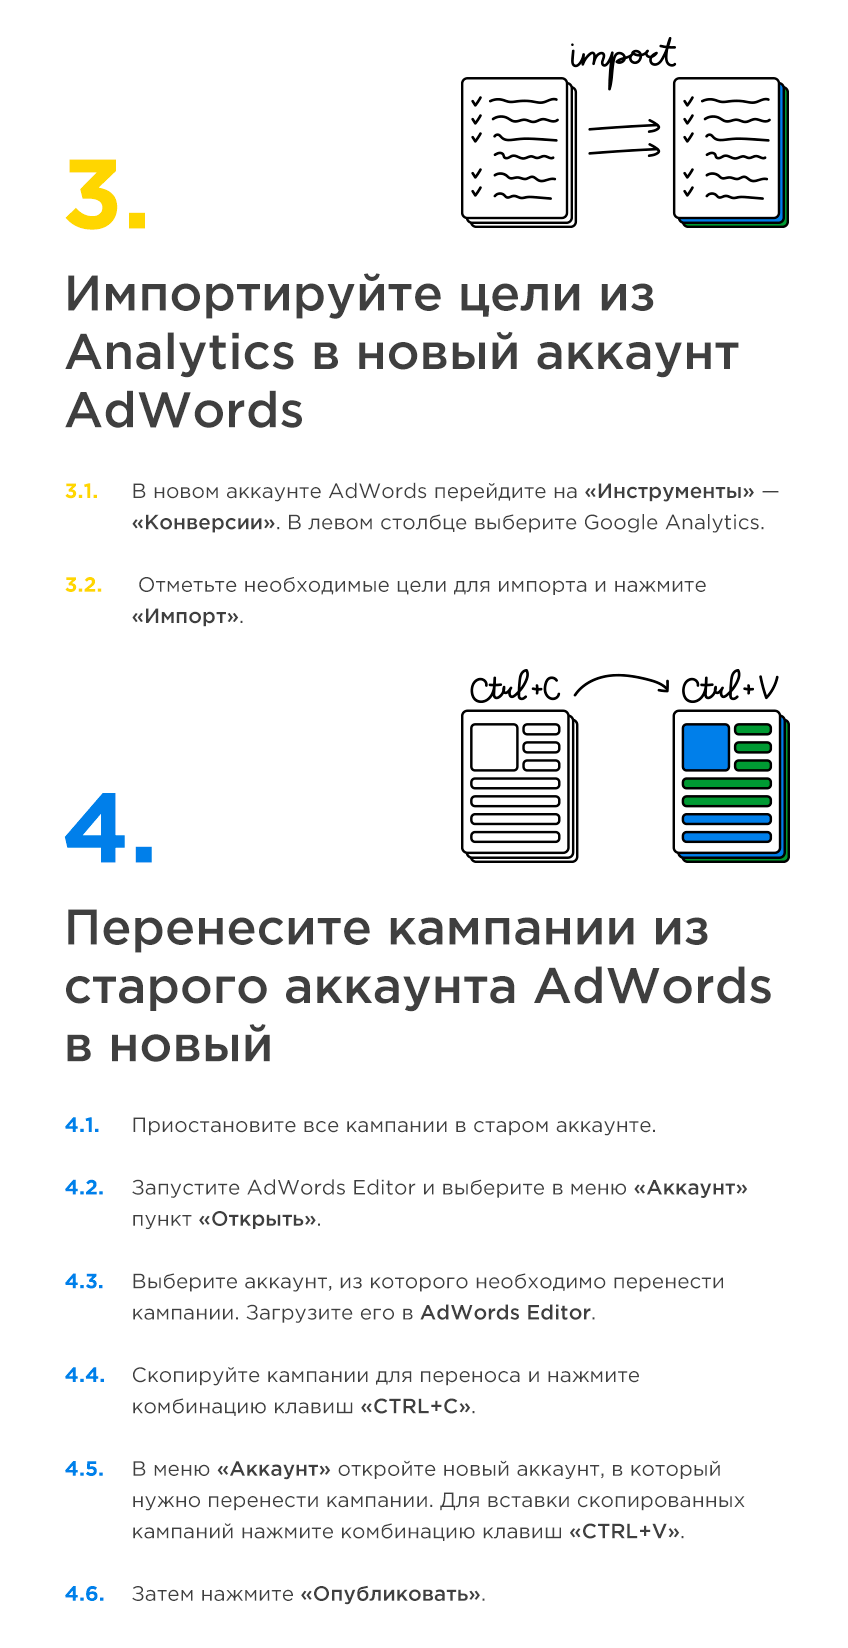 Как перенести кампании из старого аккаунта Google AdWords в новый и сохранить их эффективность — подробный чек-лист